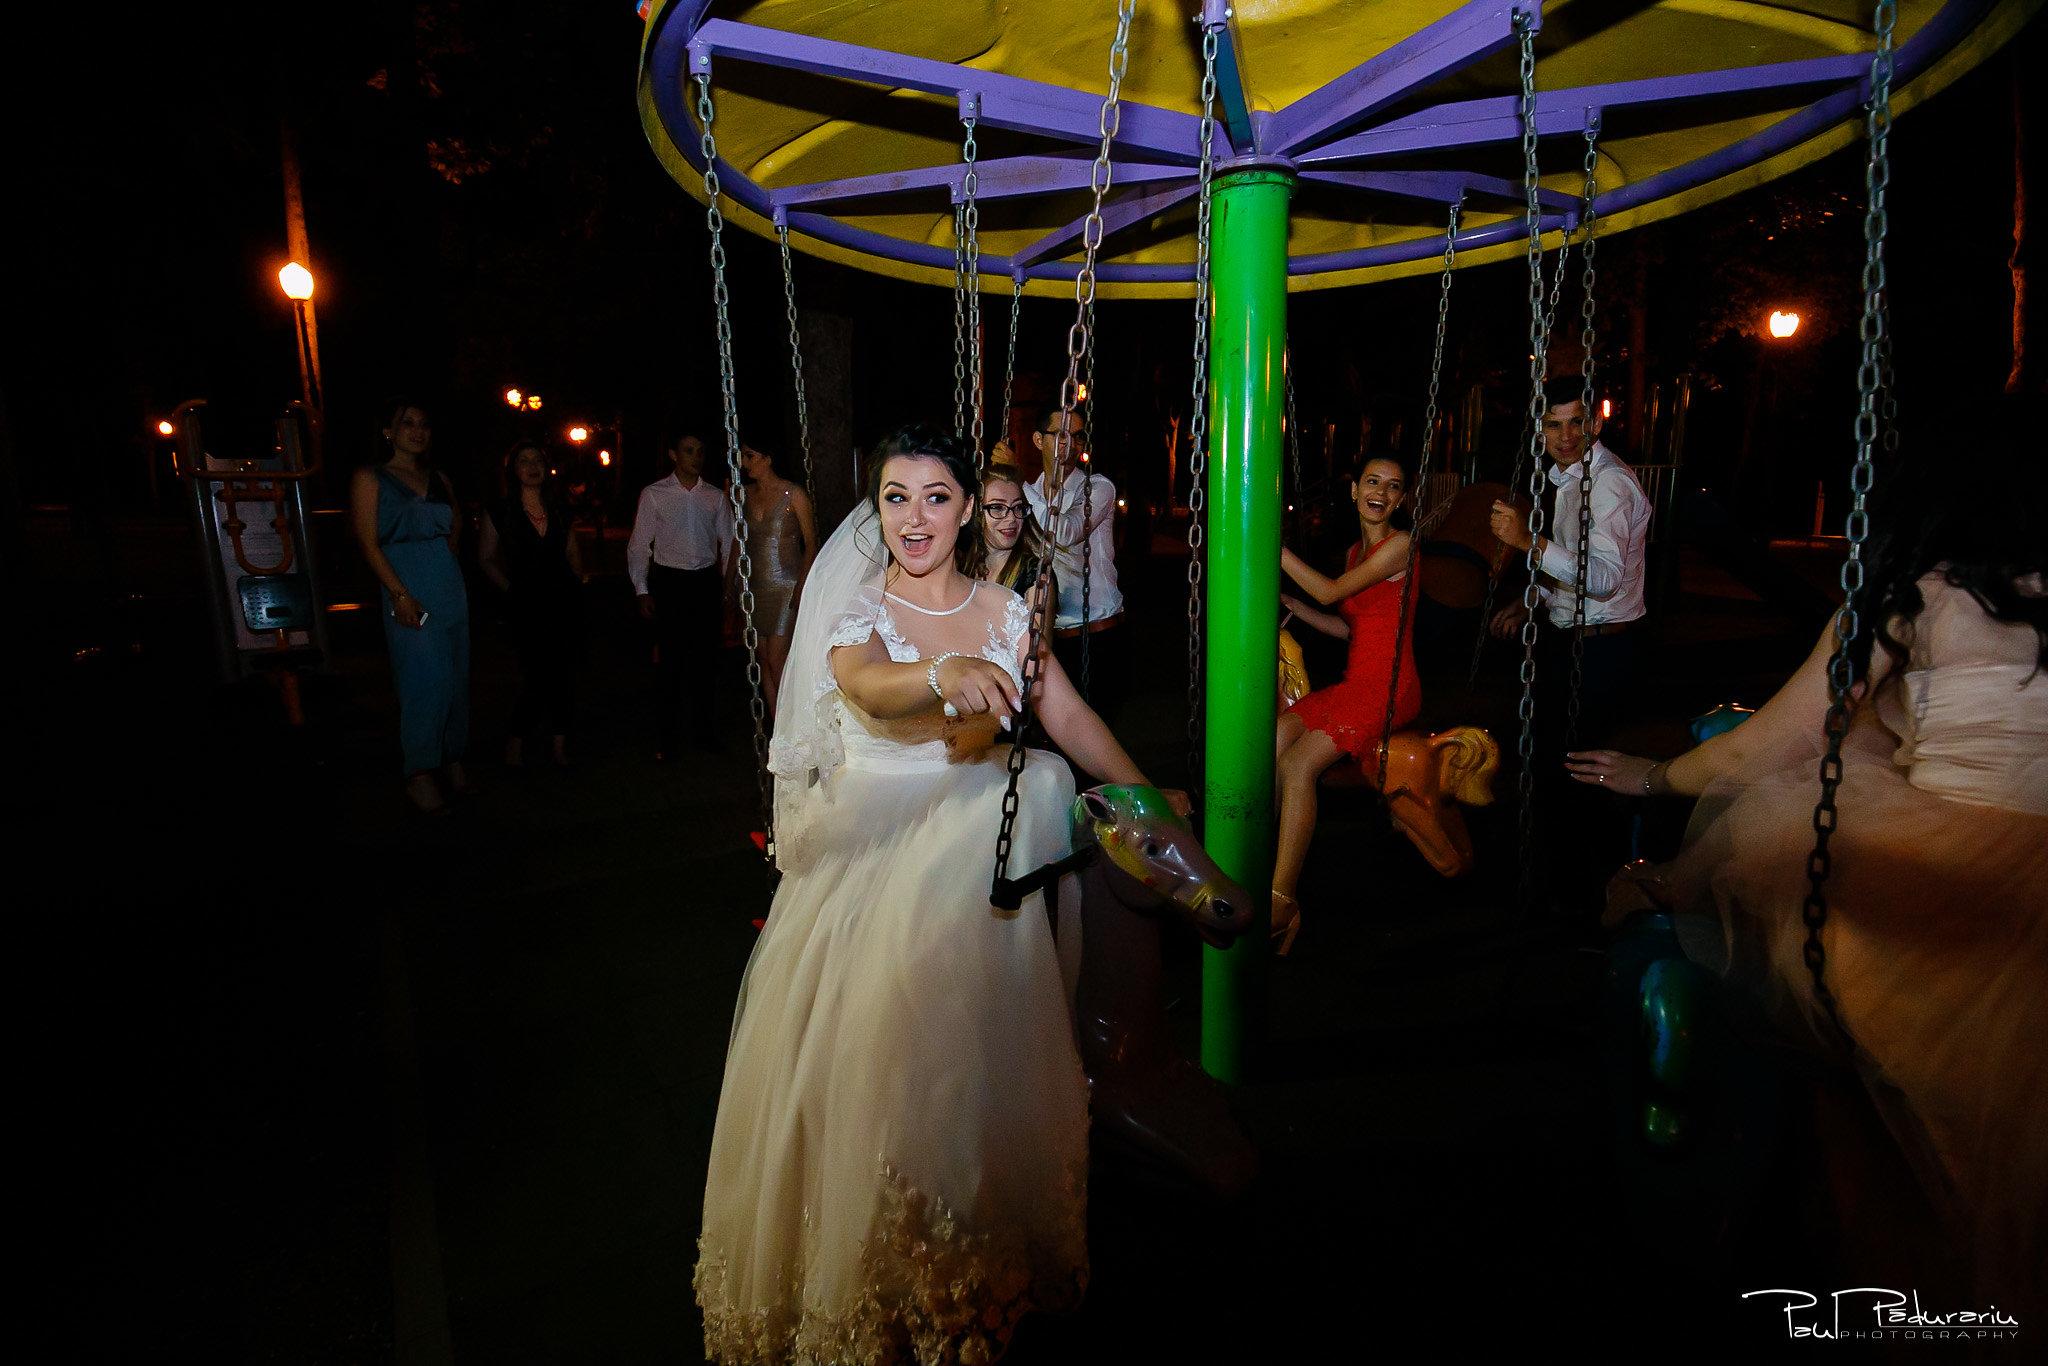 Nunta la Castel Iasi Ana-Maria si Marius fotograf profesionistwww.paulpadurariu.ro © 2018 Paul Padurariu 19